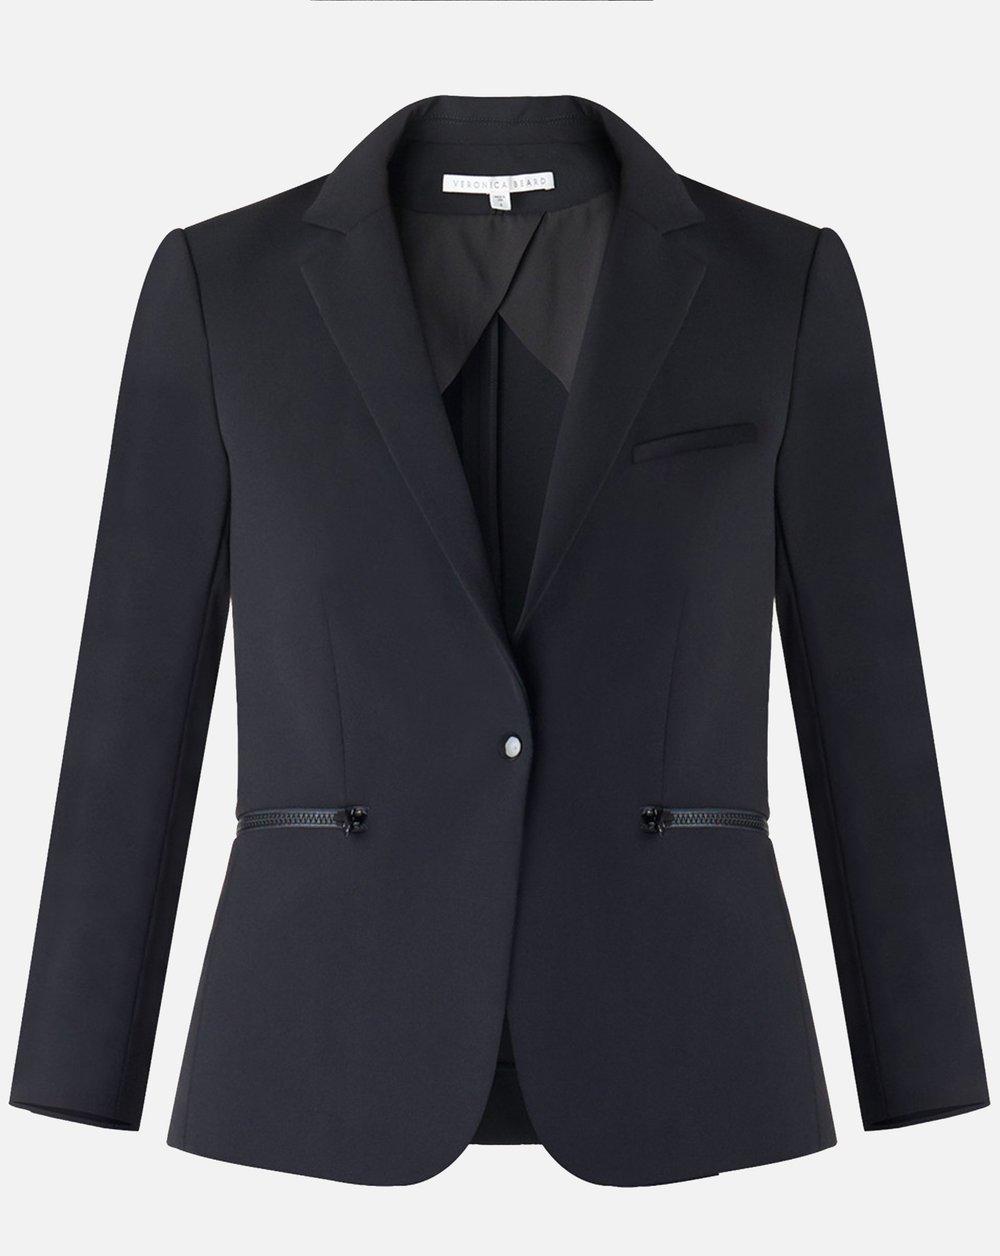 Scuba Jacket - Black $600